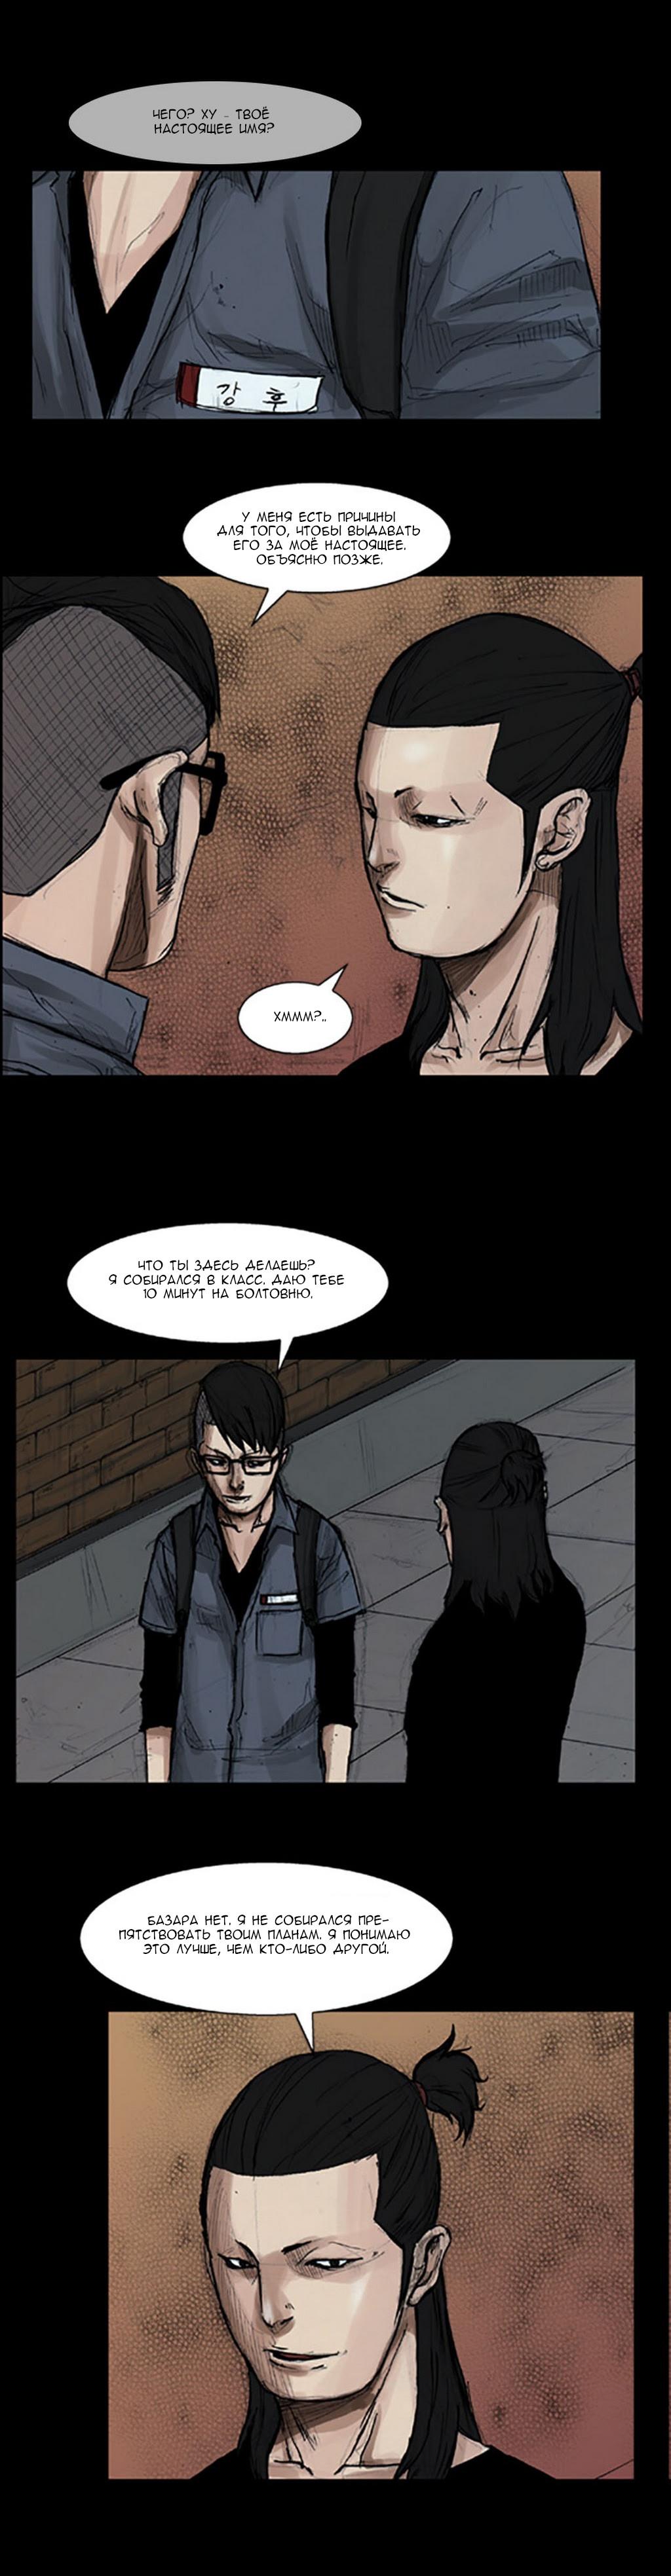 Манга Токко / Dokgo - Том 1 Глава 12 Страница 5